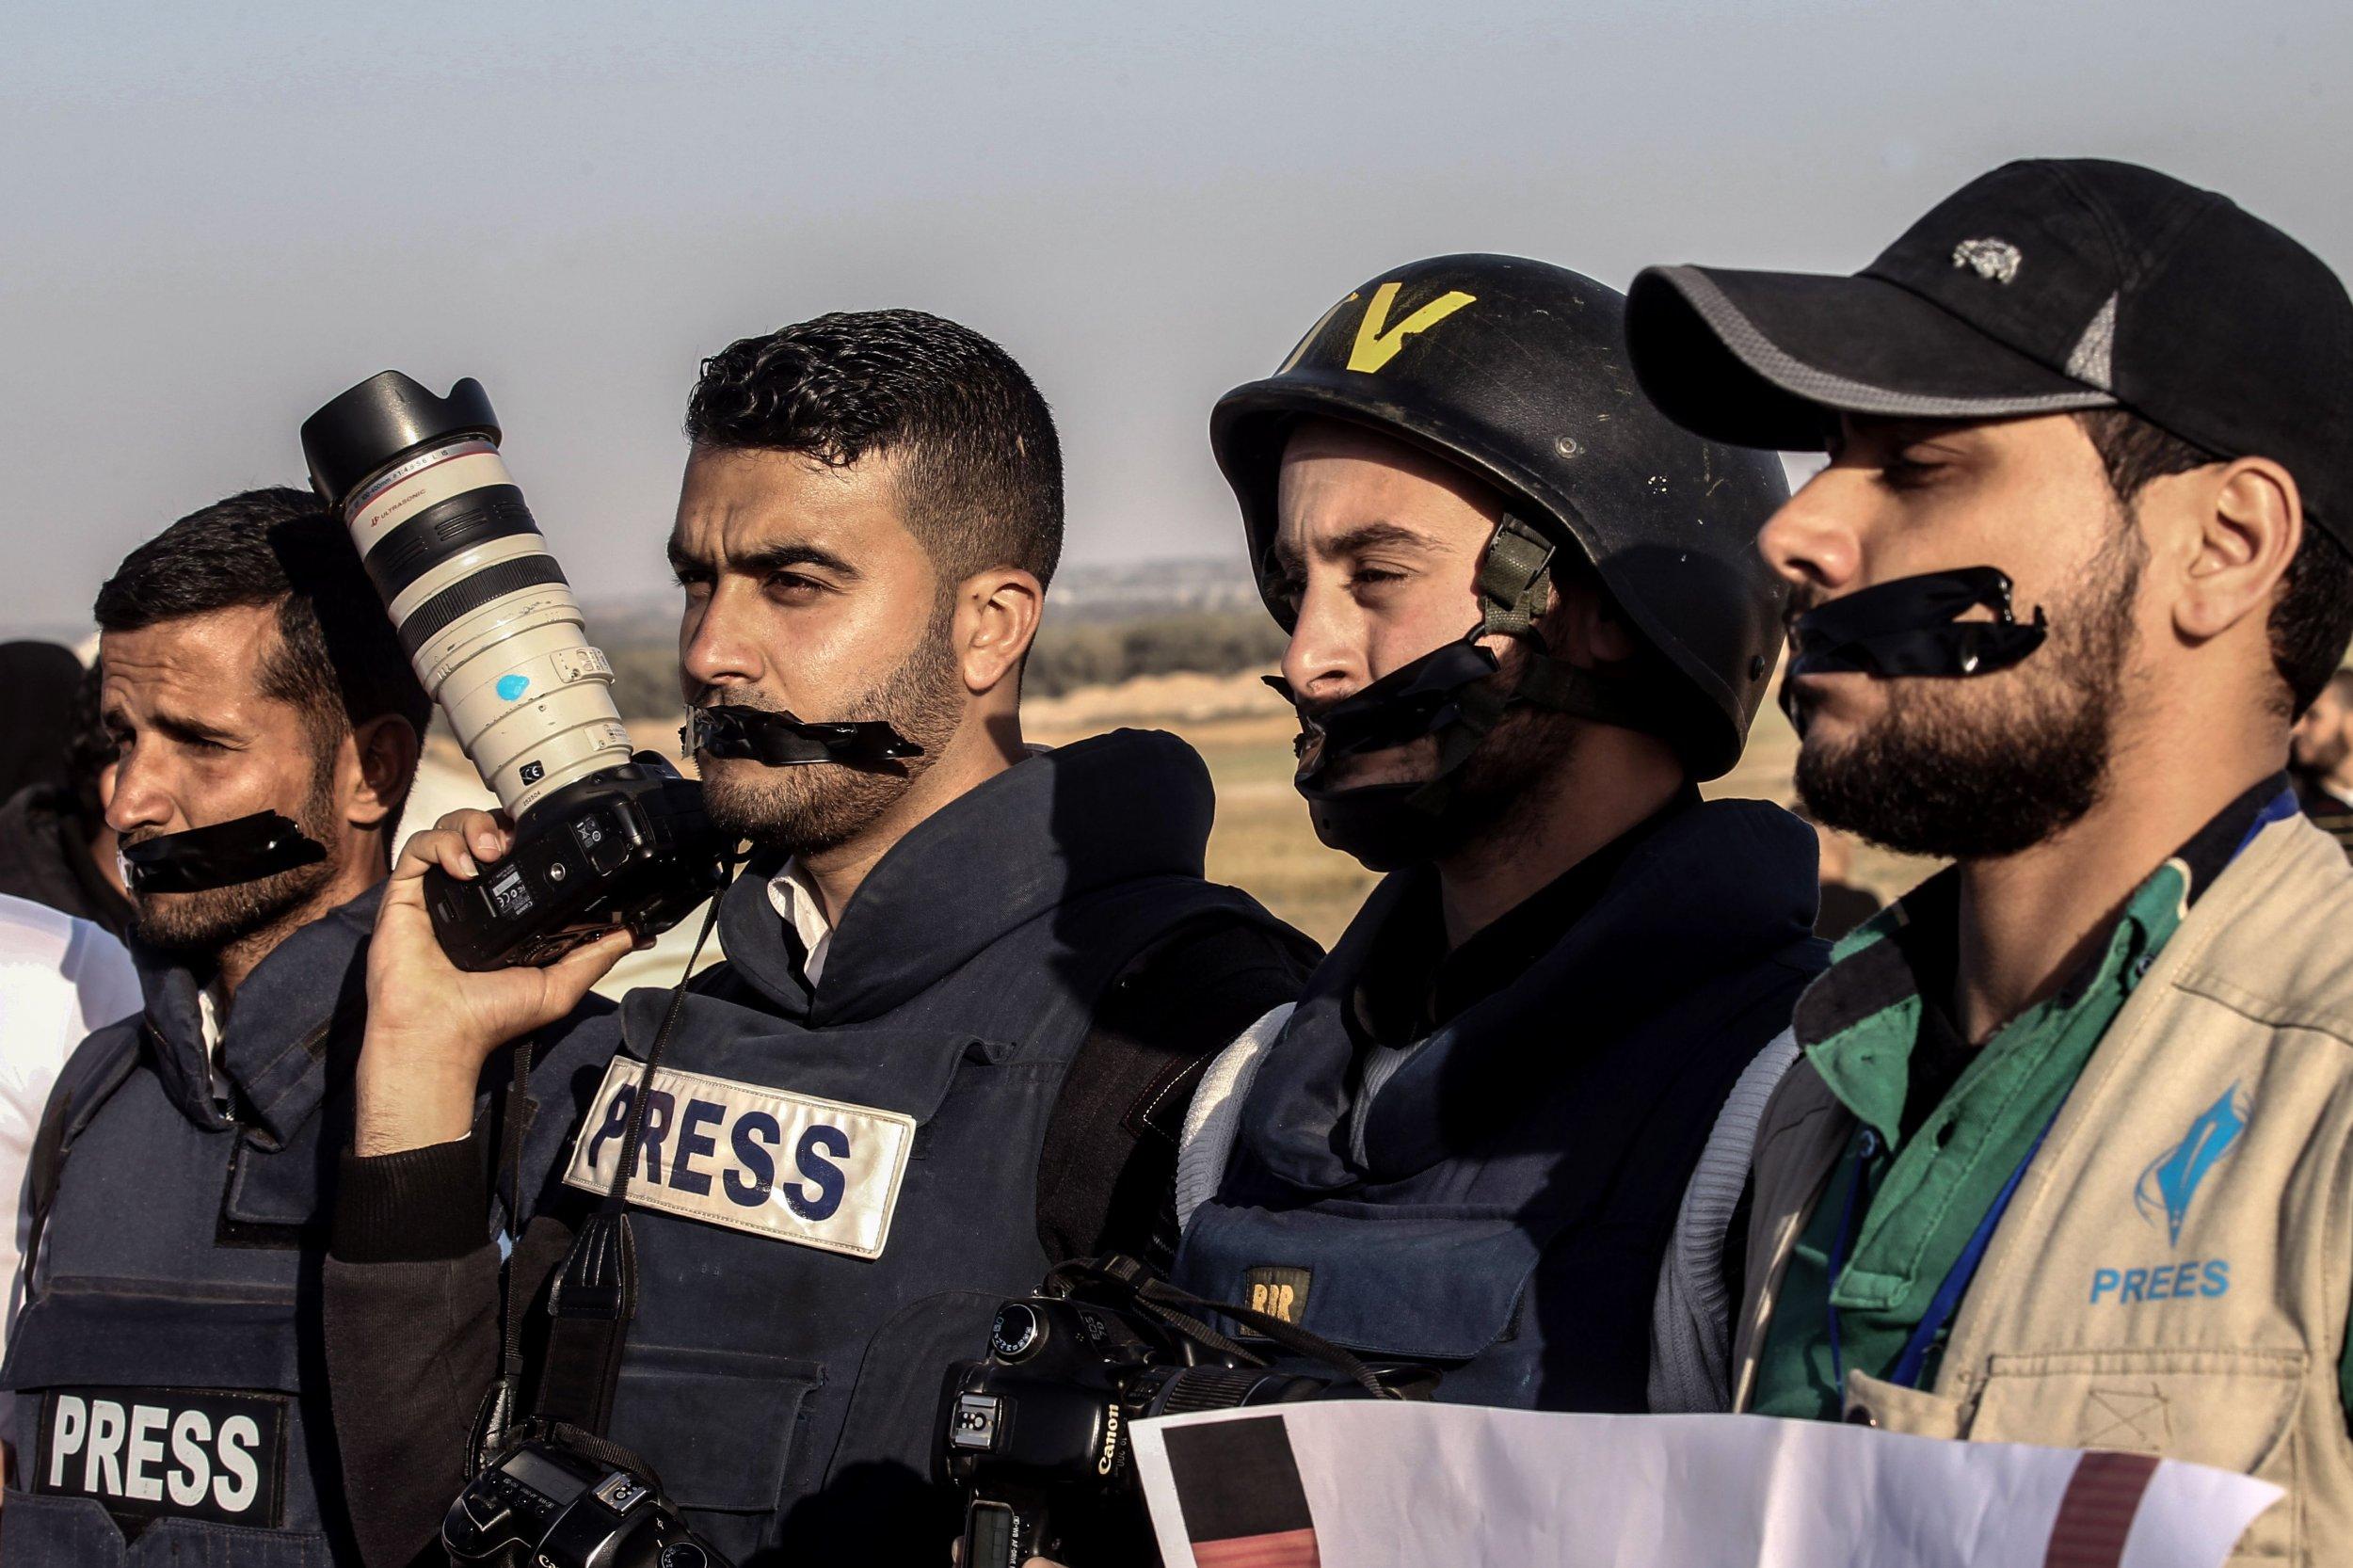 Gaza journalists